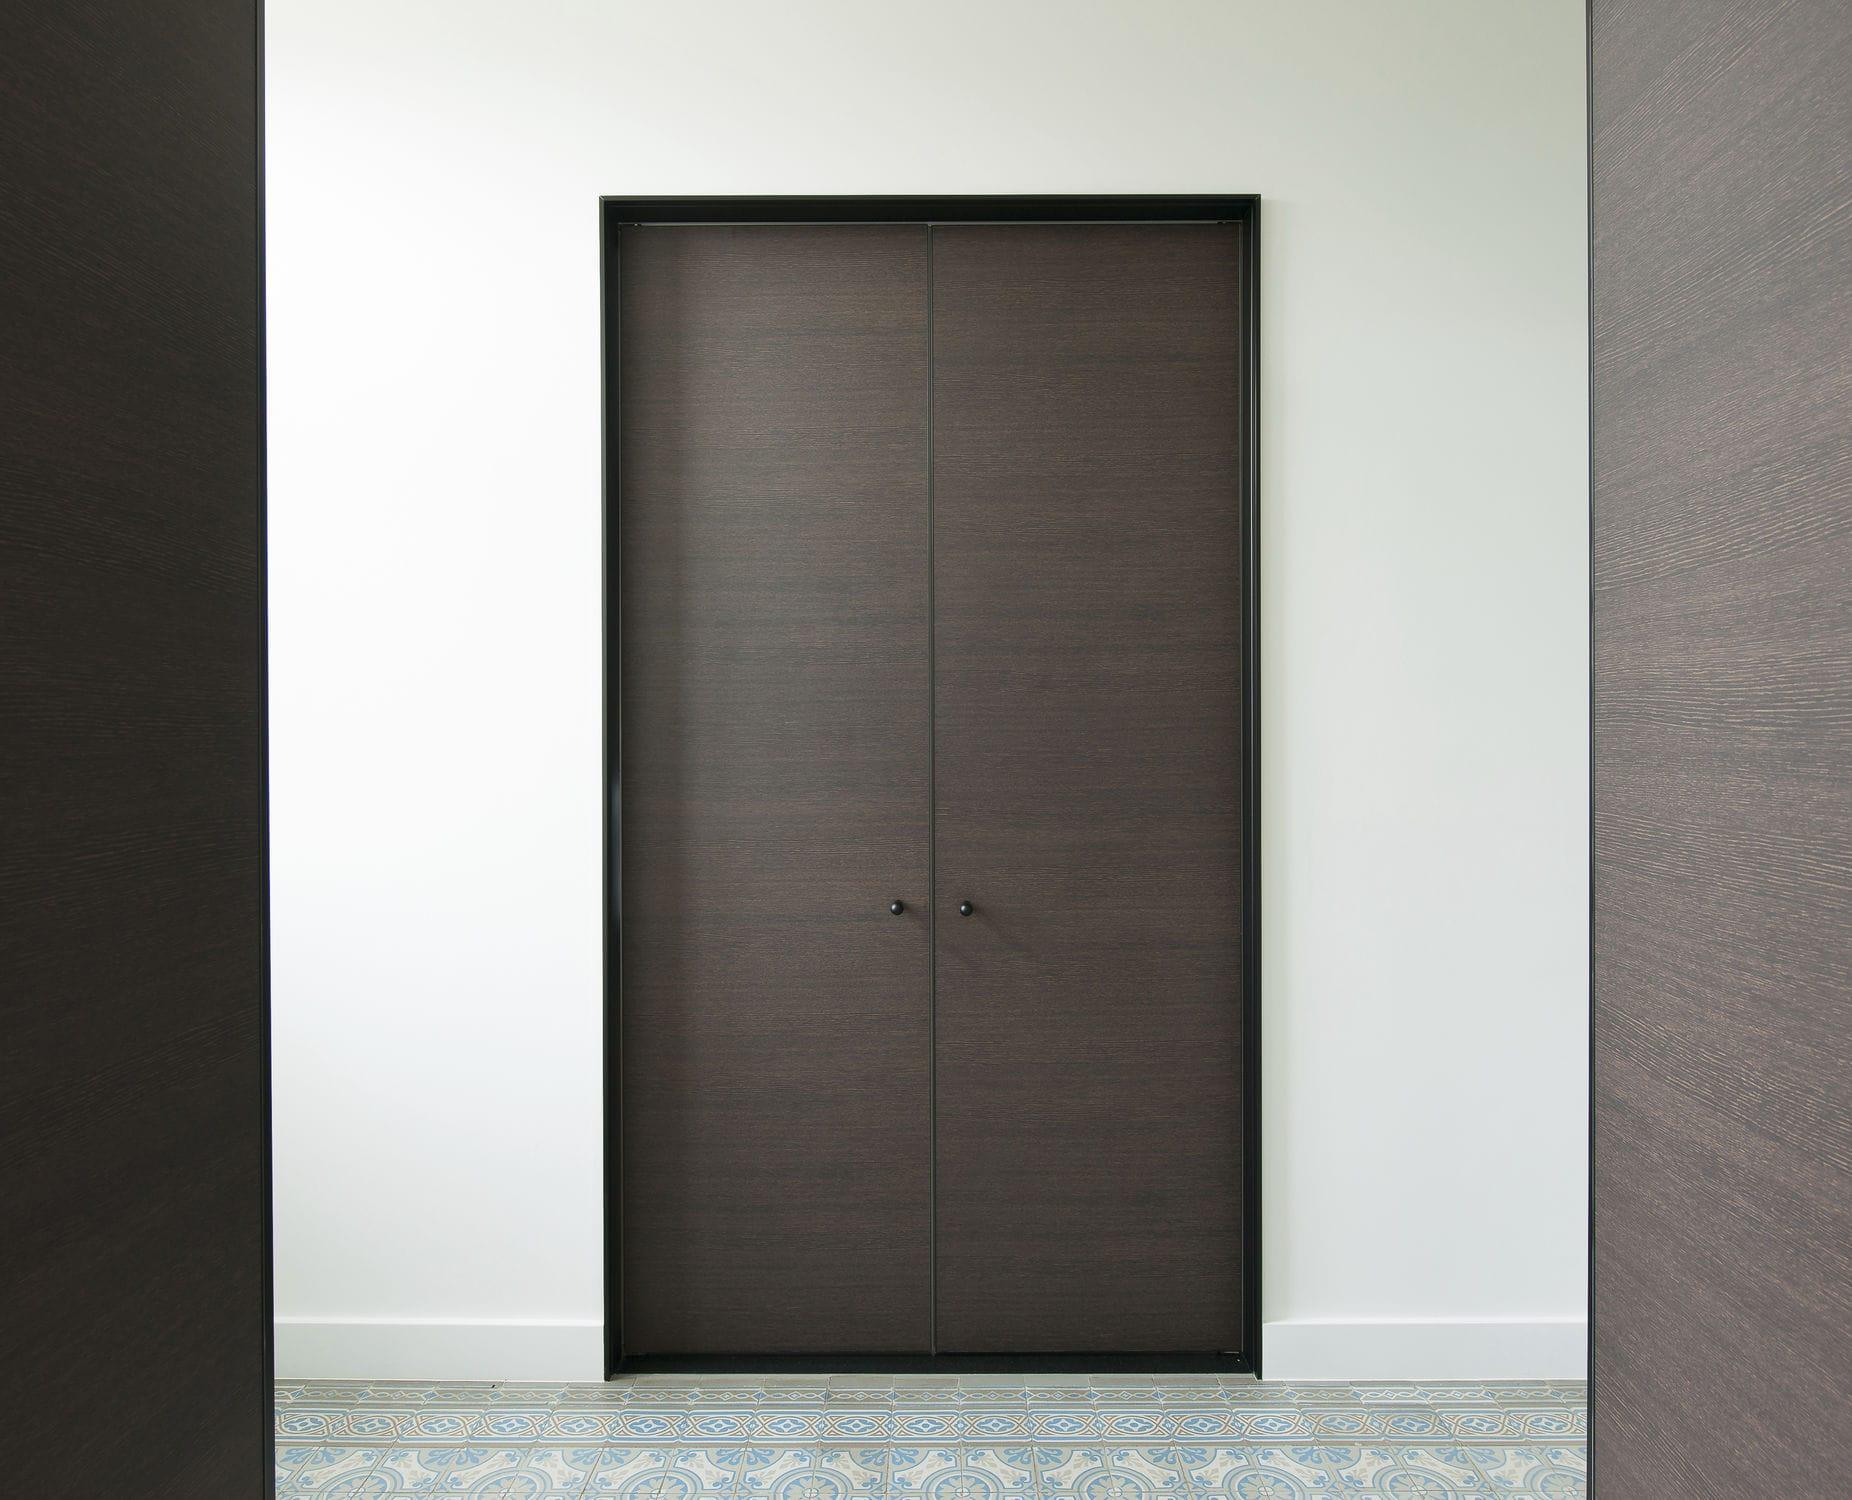 Porte In Alluminio Anodizzato cornice di porte in alluminio anodizzato - obo-b - anyway doors